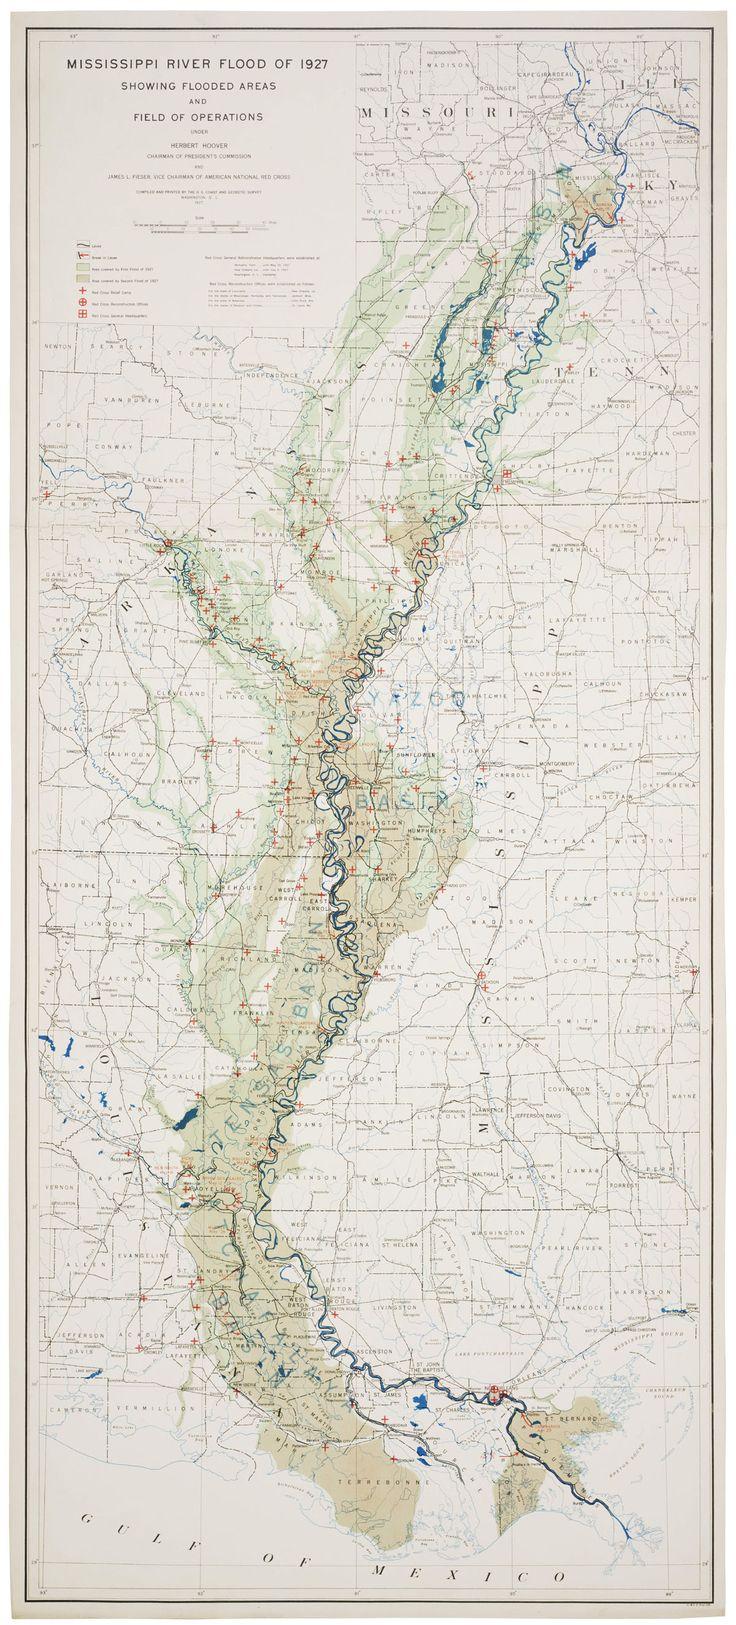 Map: Mississippi River flood of 1927